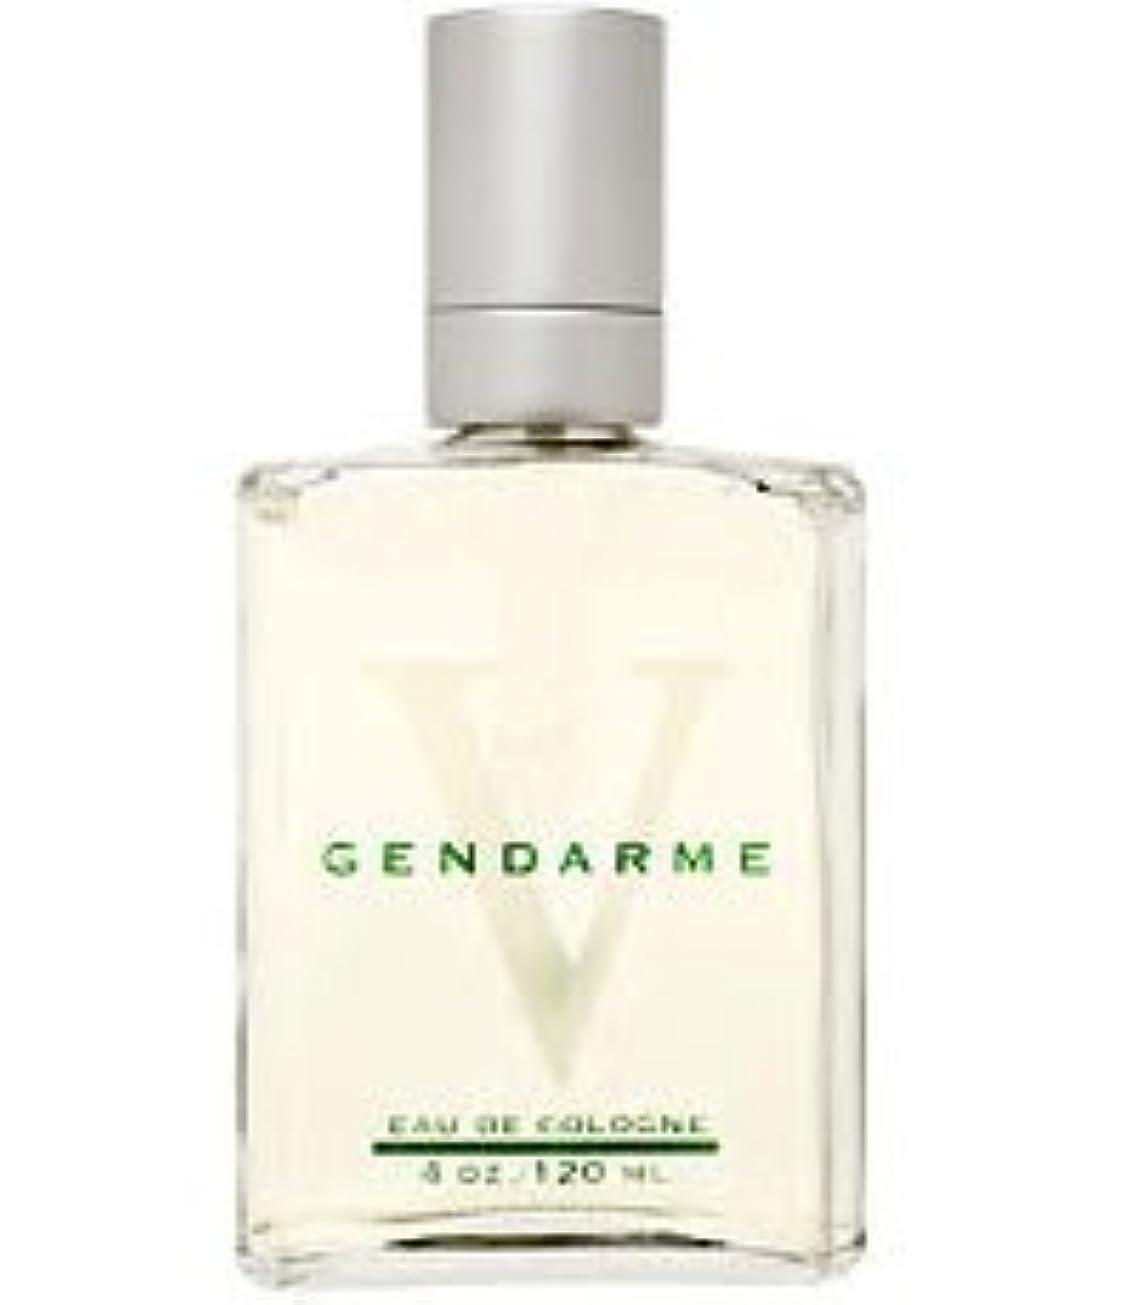 側覚醒女の子Gendarme V (ゲンダーム V) 2.0 oz (60ml) EDC Spray by Gendarme for Men